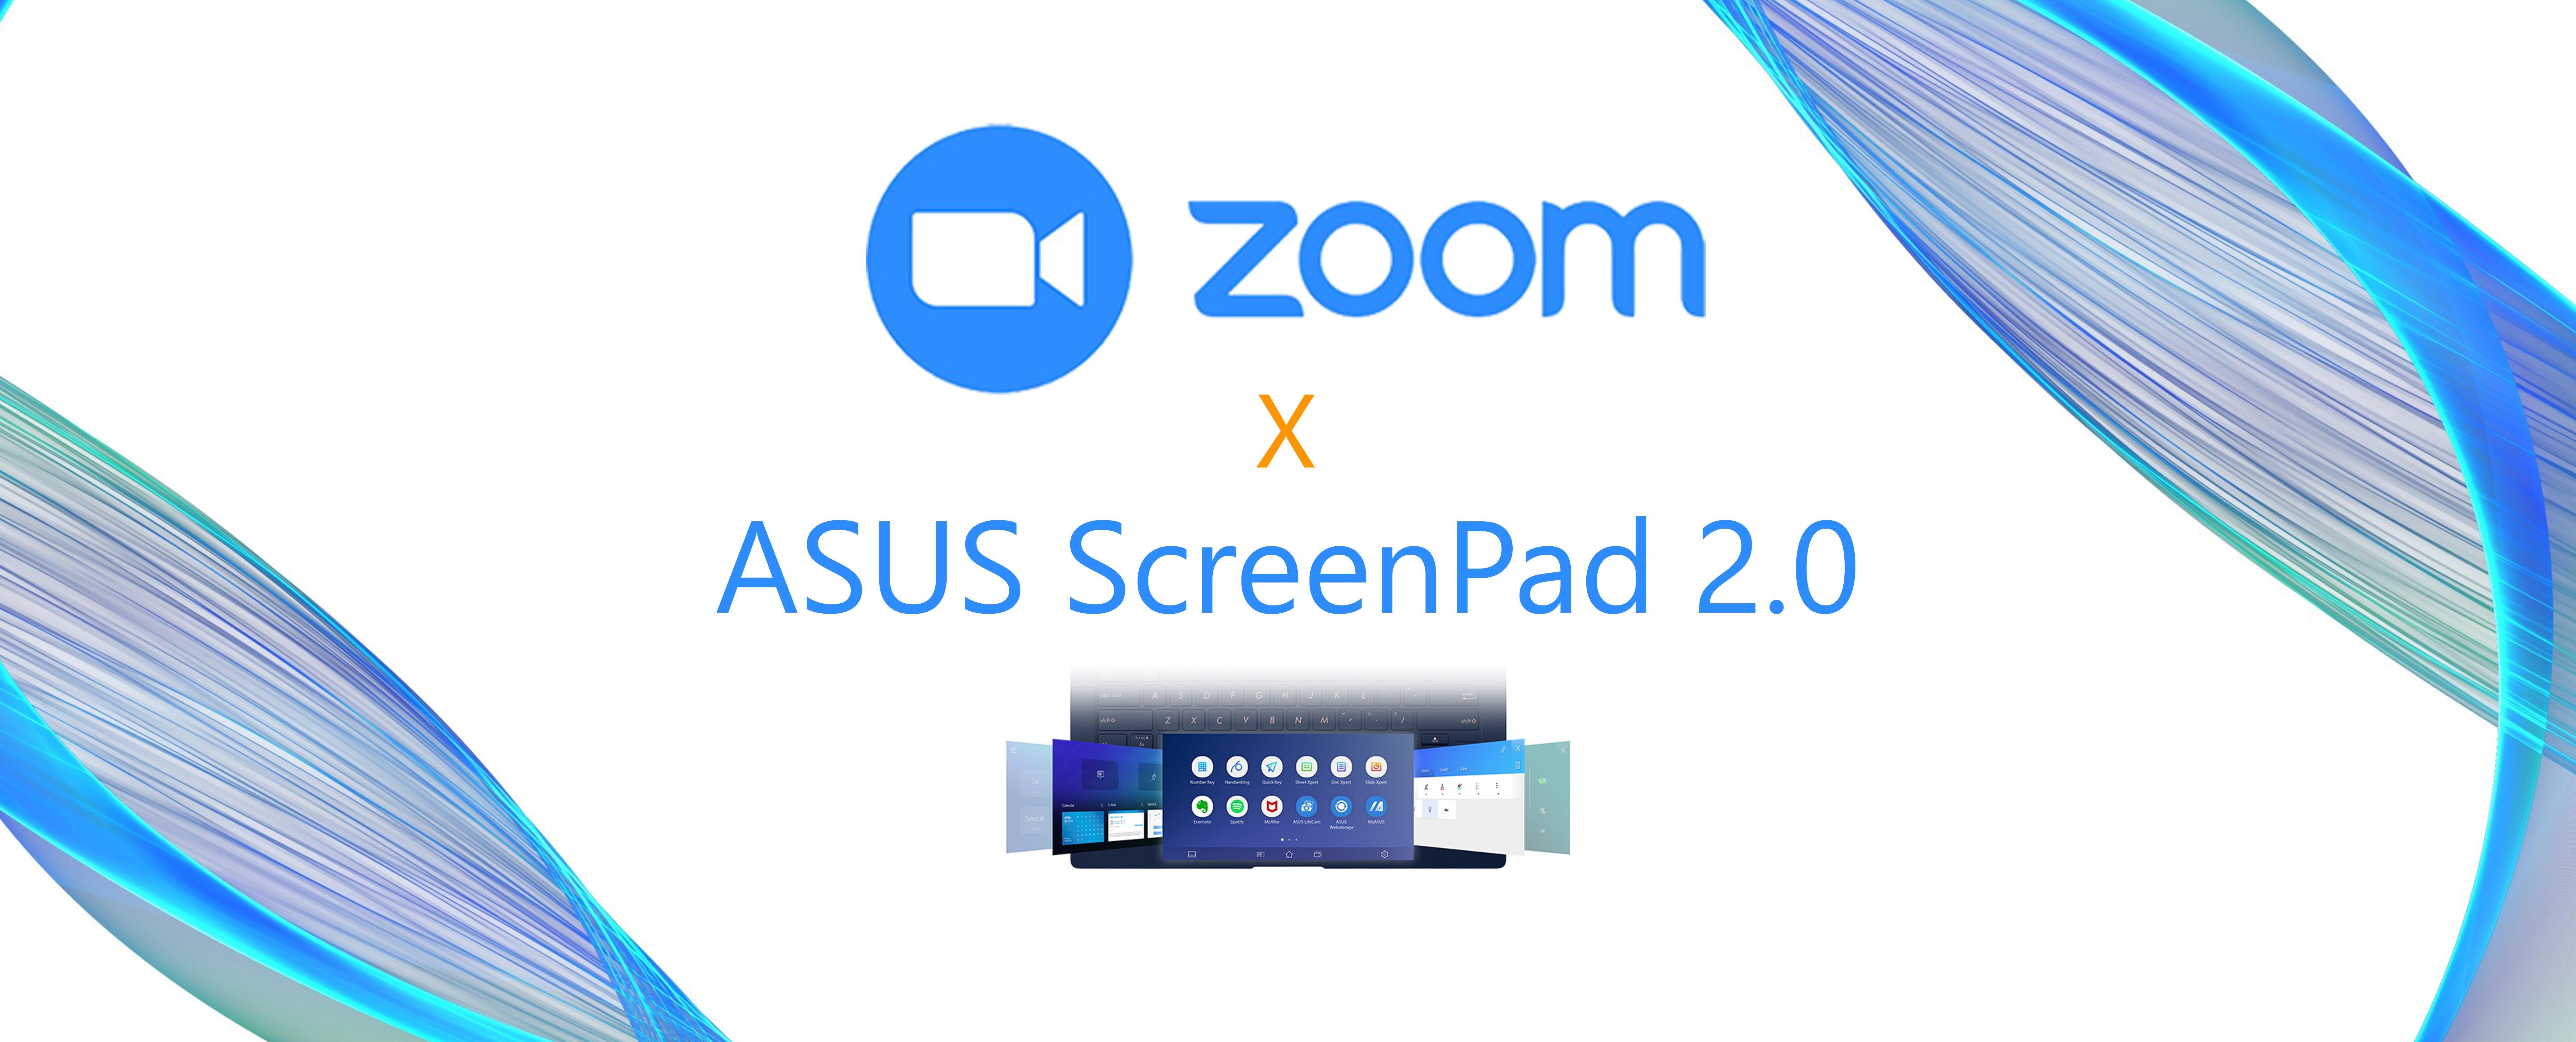 Hướng dẫn sử dụng phần mềm dạy học trực tuyến Zoom với laptop ZenBook hai màn hình